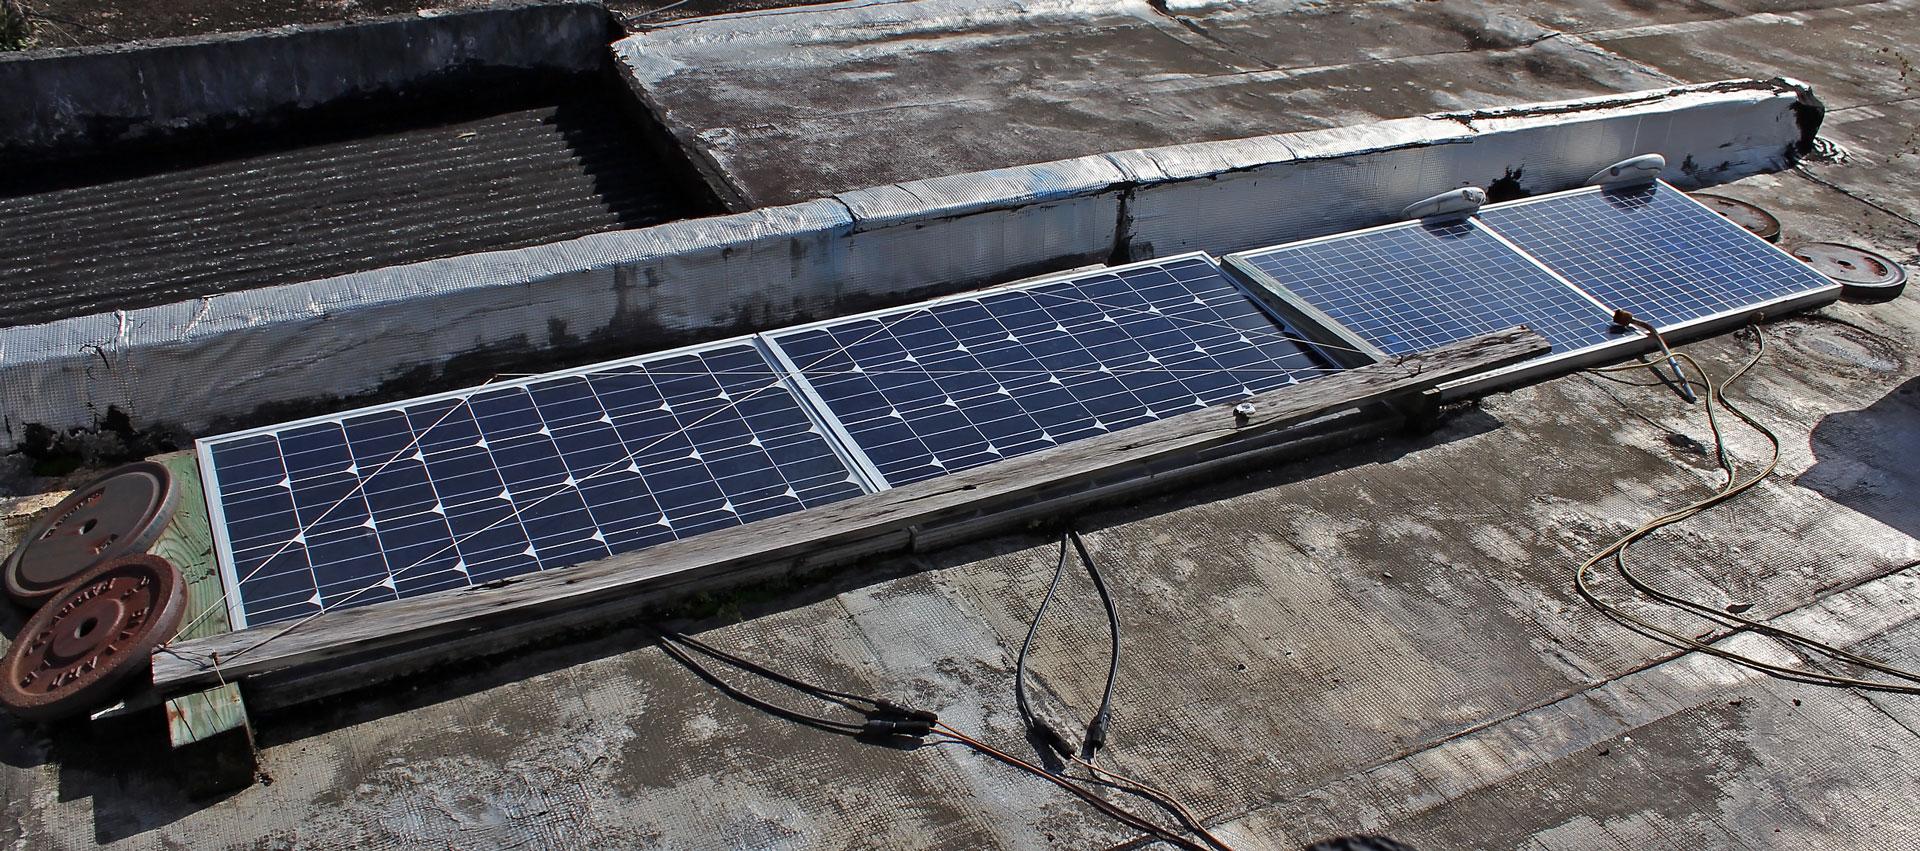 Paneles solares de un sistema de energía solar en Puerto Rico.